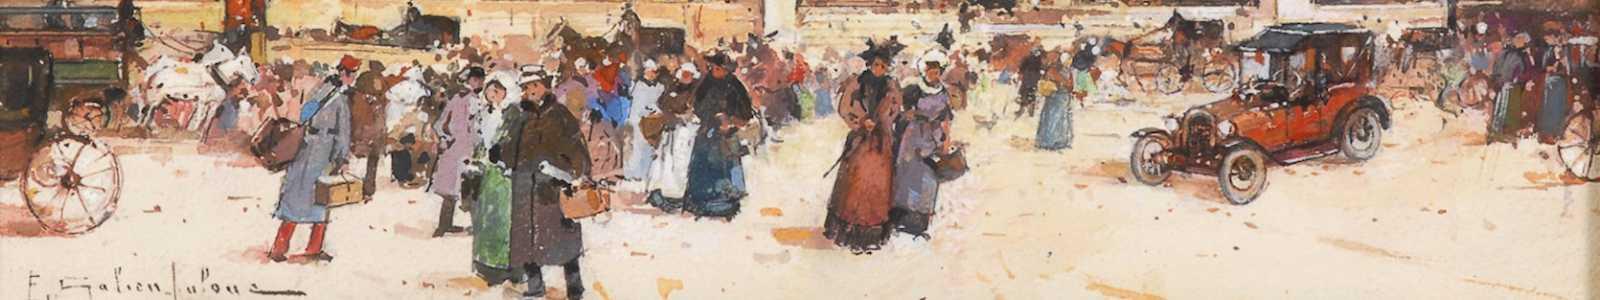 Auktion 92: Kunst und Antiquitäten Teil III